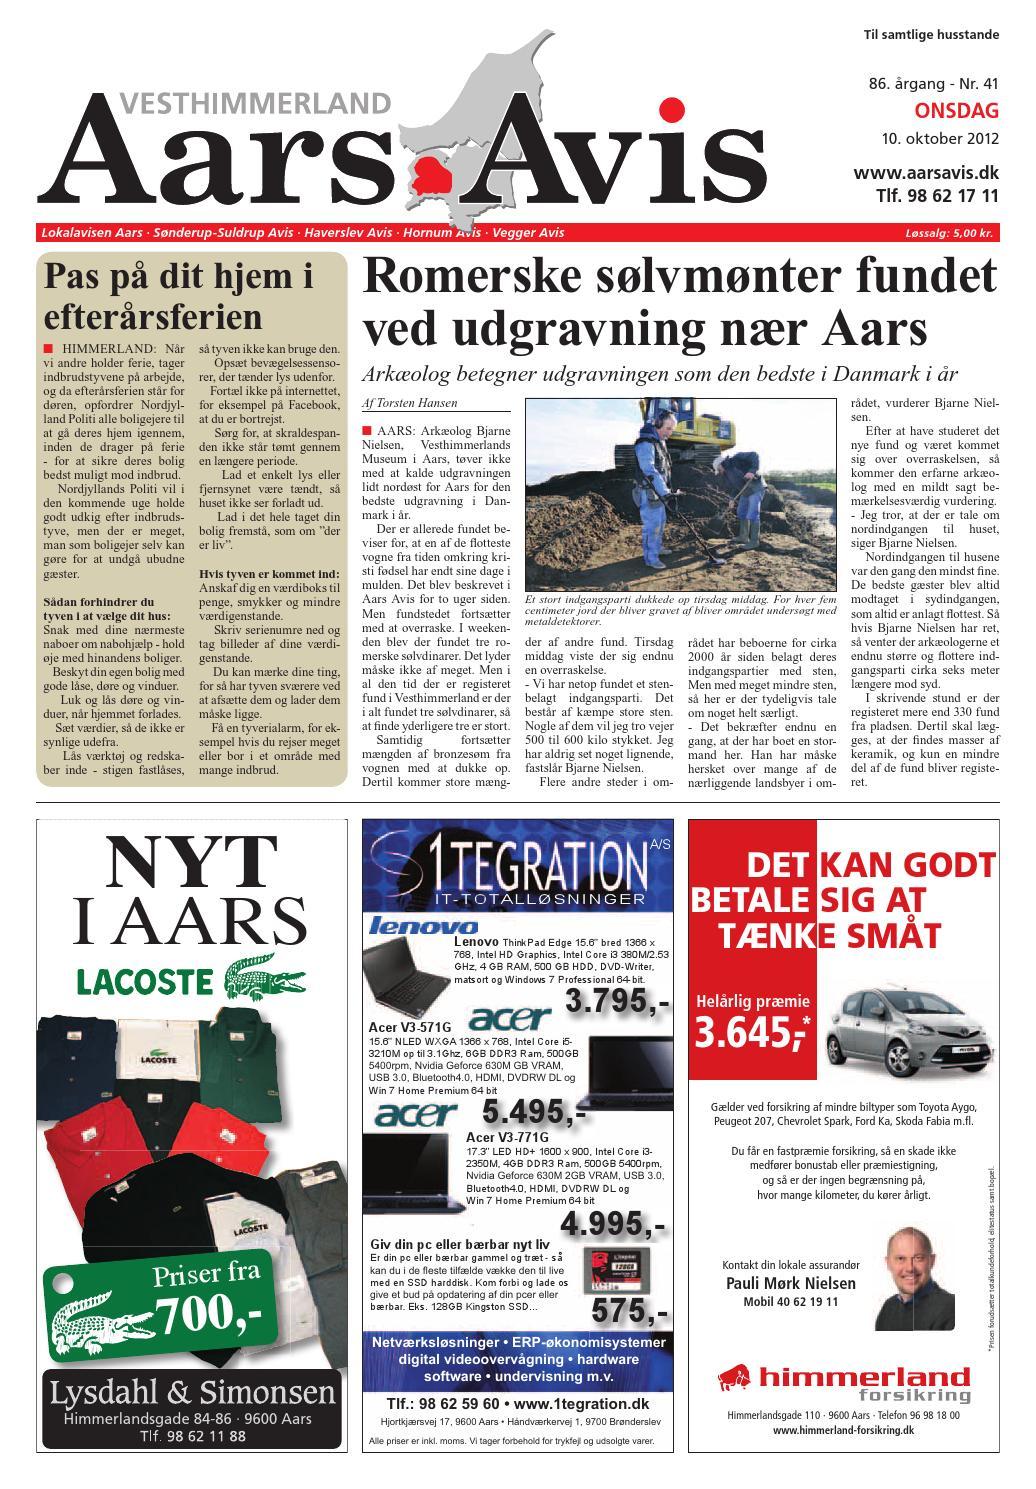 Aars avis 2012 10 10 by Aars Avis - issuu aee24360f8a7b